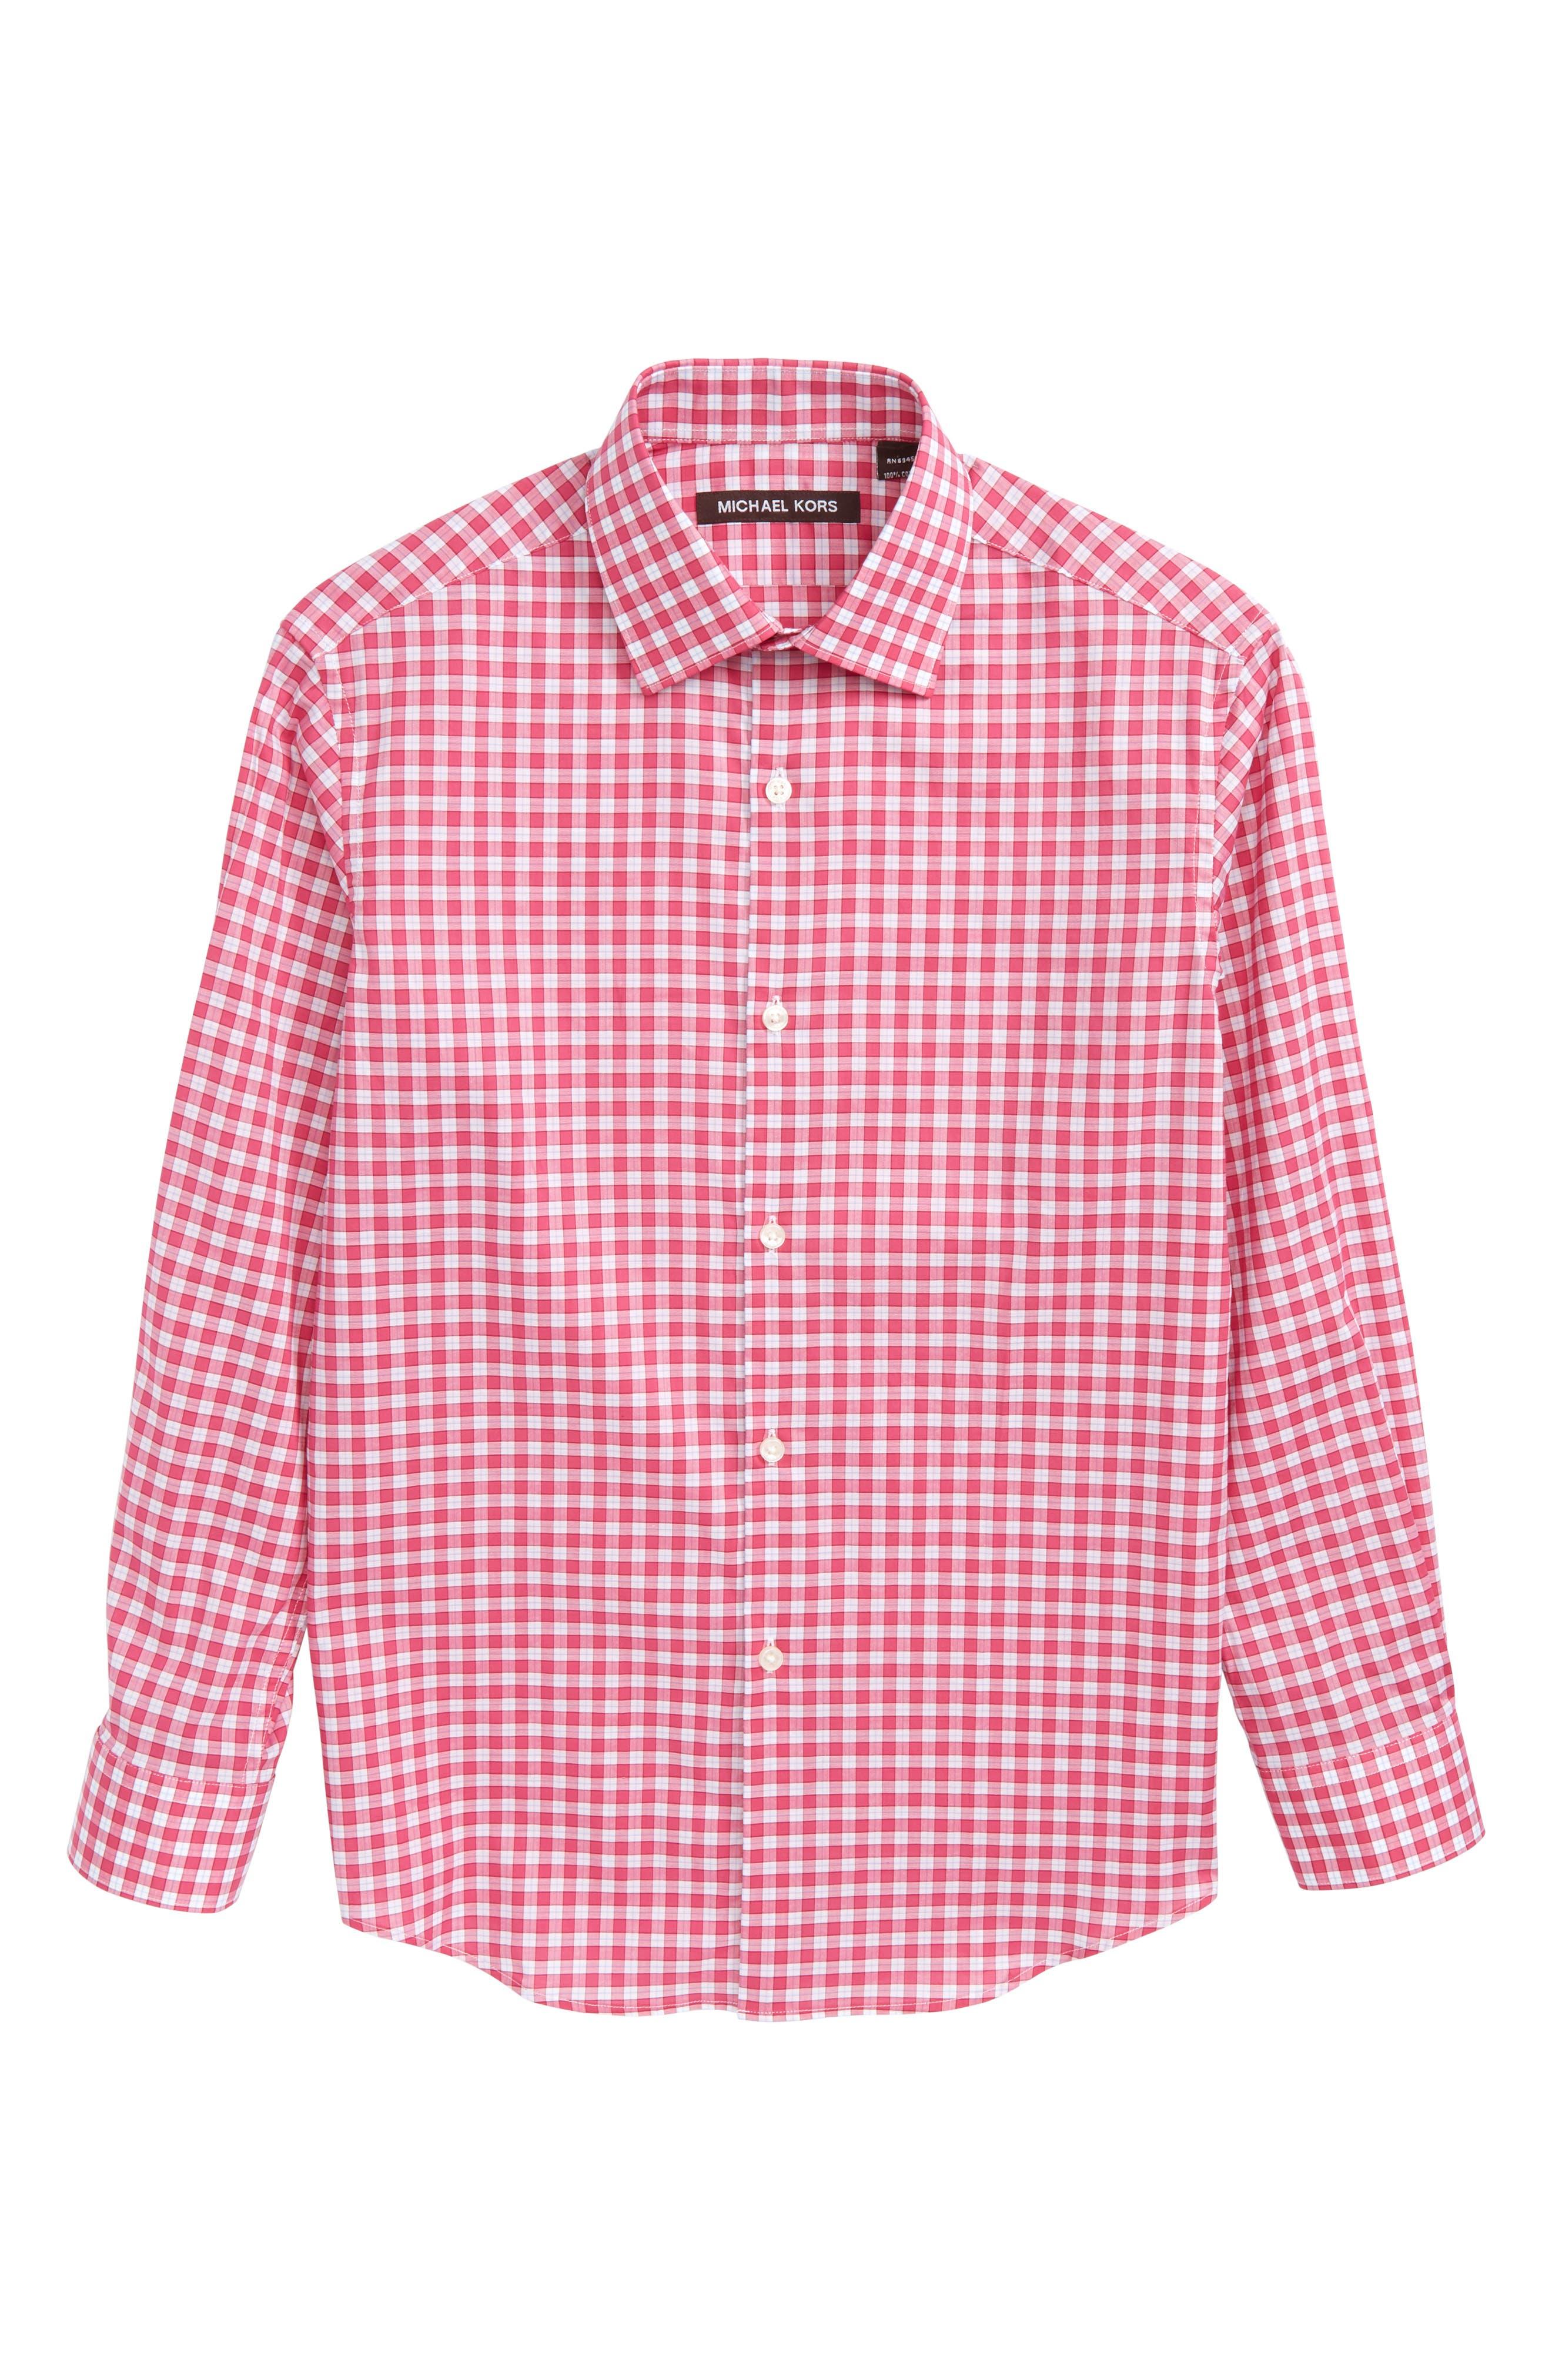 Michael Kors Check Dress Shirt (Big Boys)